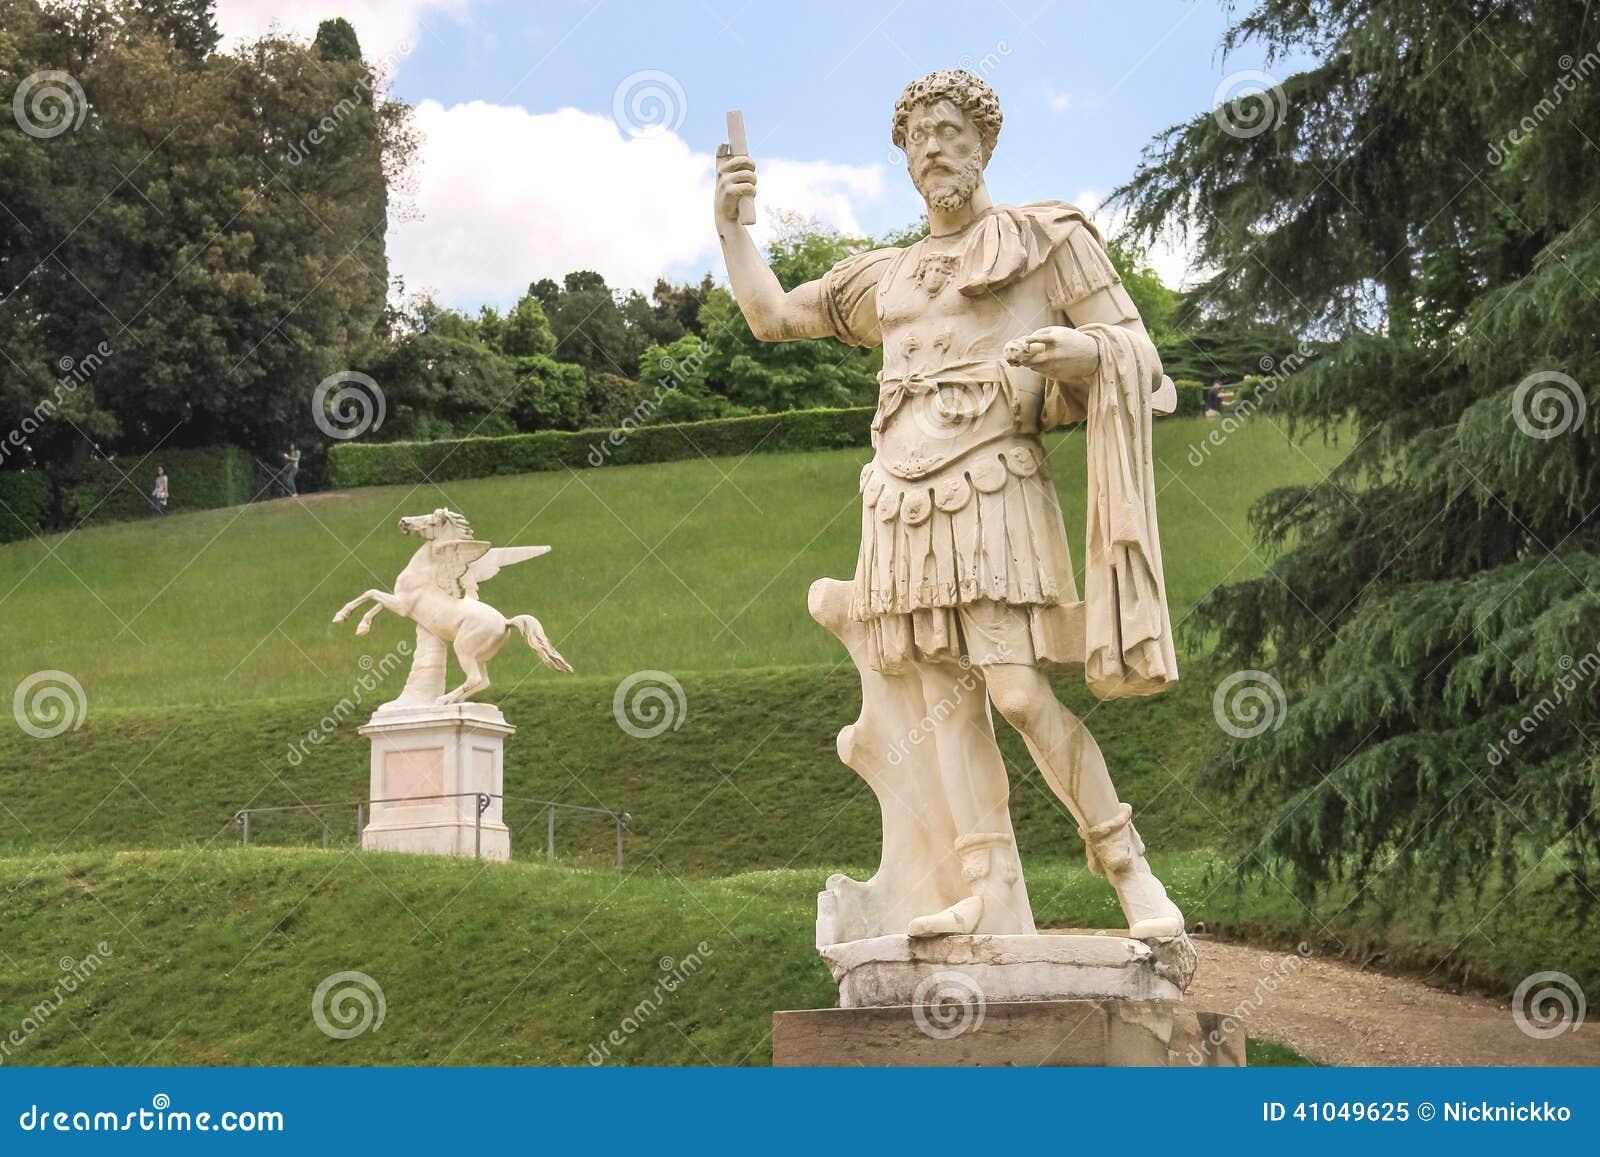 Escultura en los jardines de boboli florencia italia - Esculturas para jardines ...